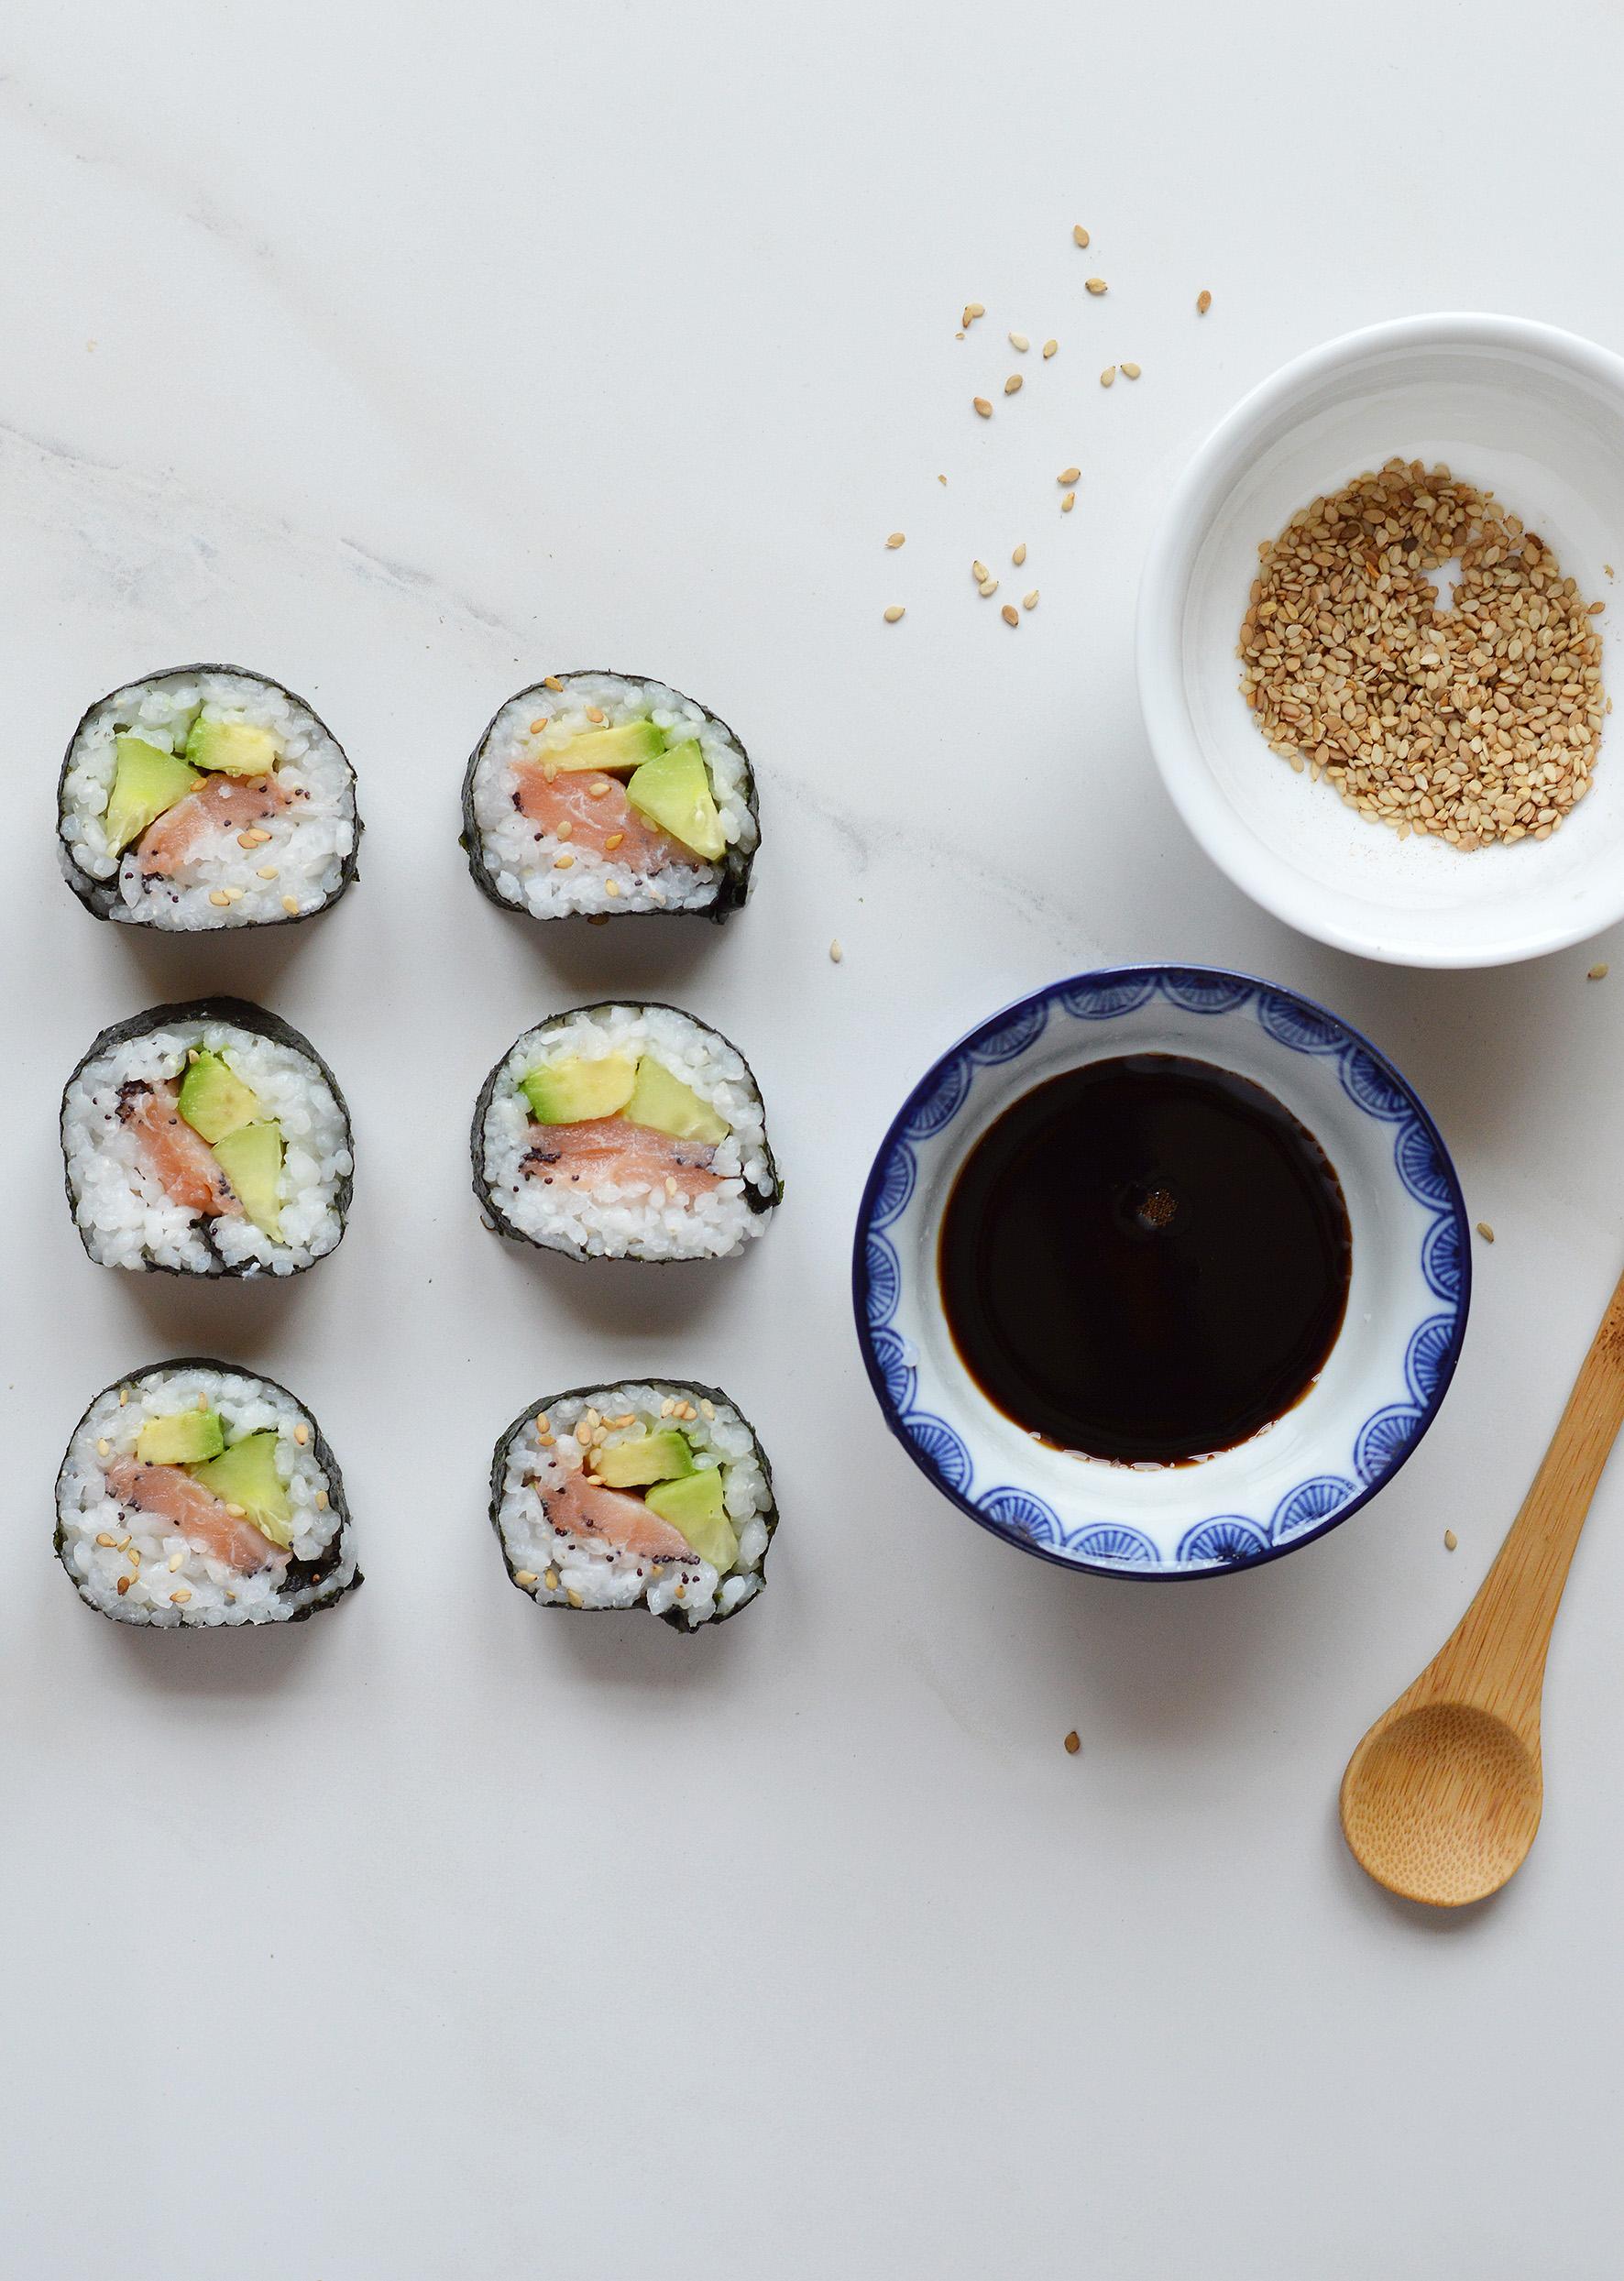 Makis saumon-avocat-concombre - Plus une miette dans l assiette